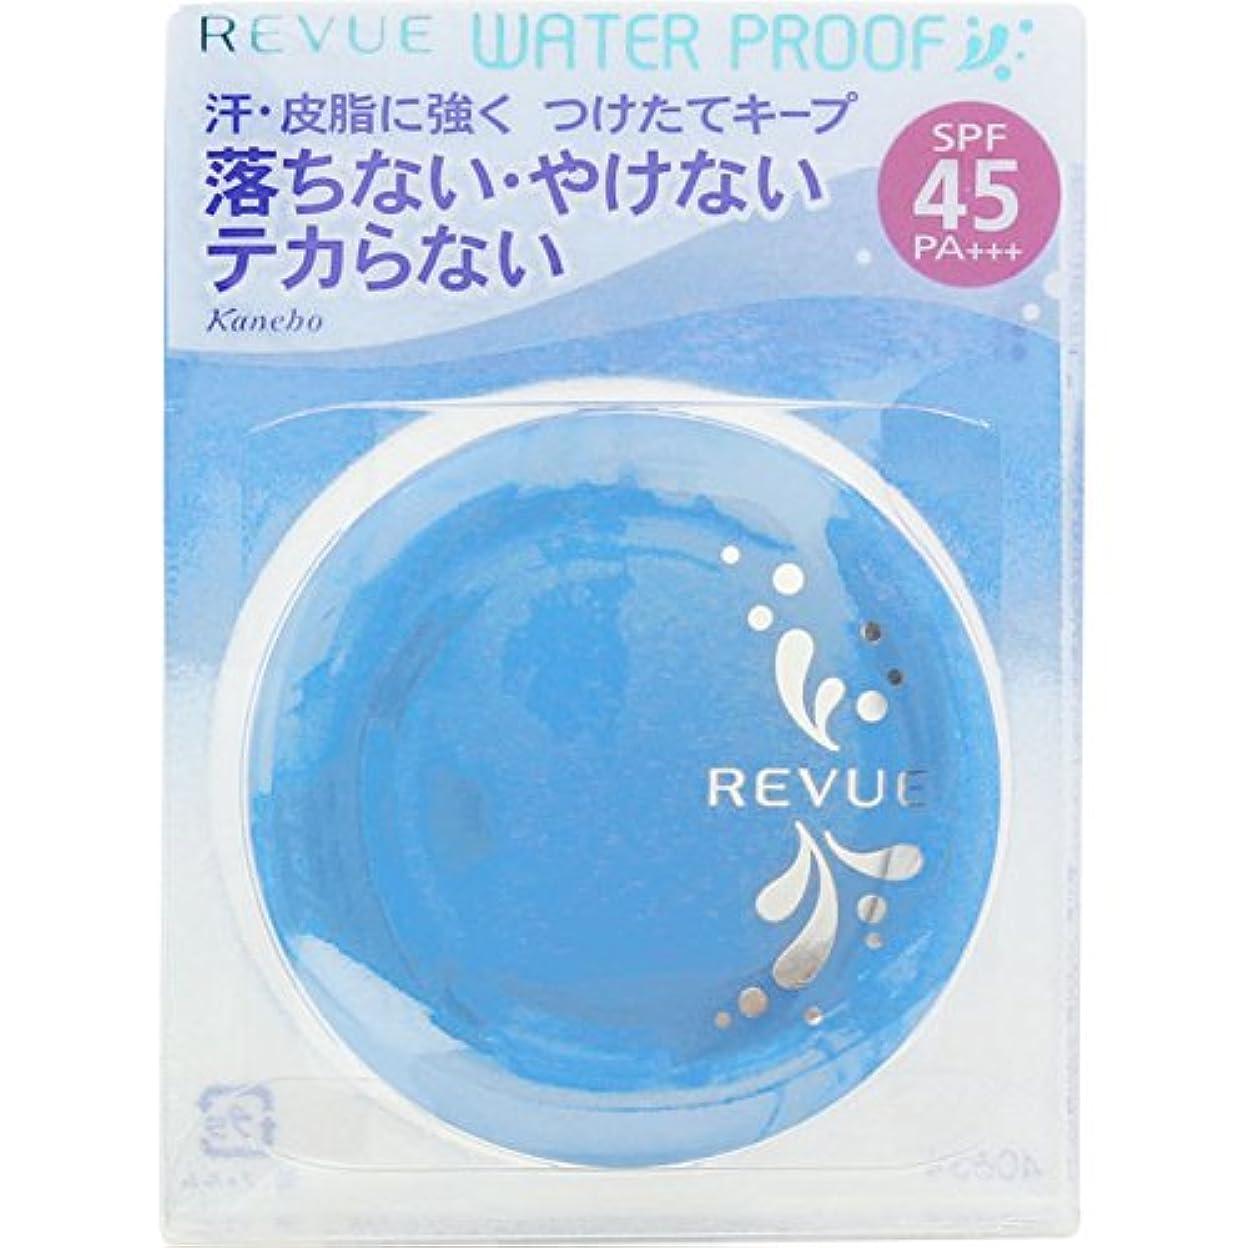 反論リサイクルするレイアカネボウ REVUE レヴューウォータープルーフ パクトUV【オークルB】 (SPF45?PA+++)